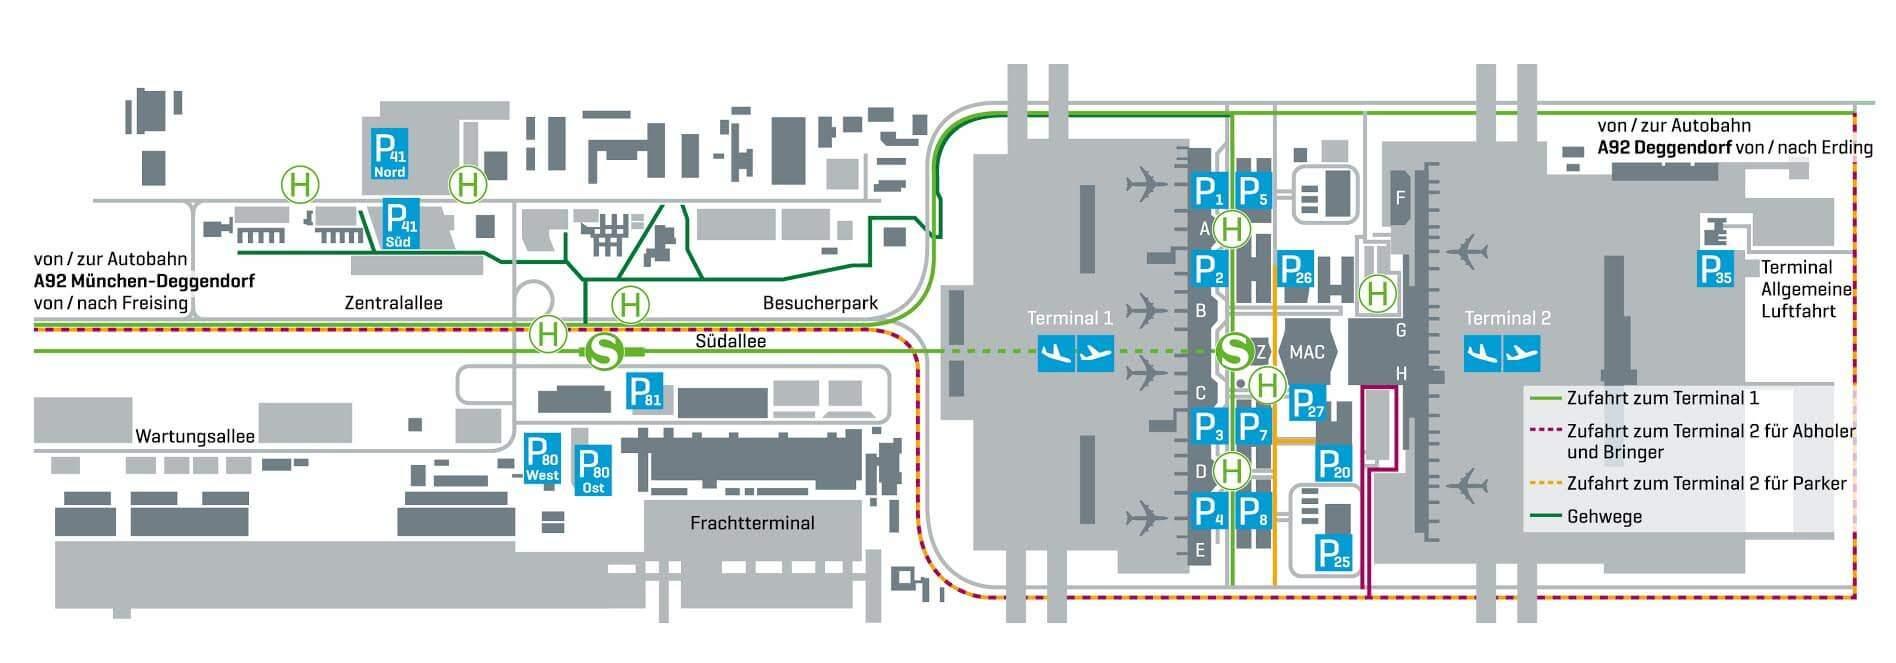 Parken am Flughafen München Karte